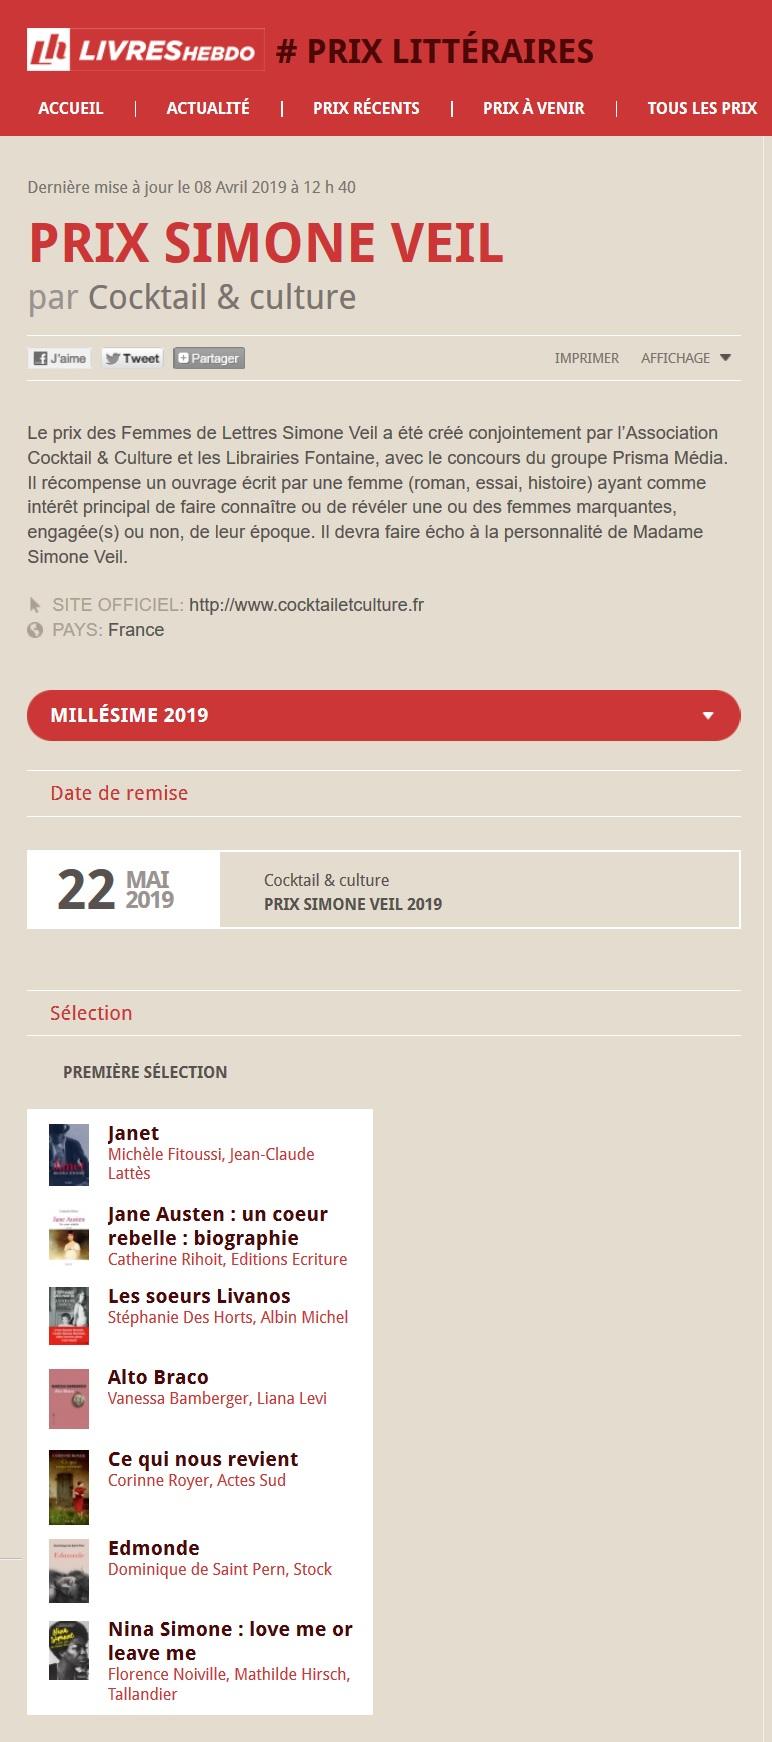 Article Livres Hebdo Prix Simone Veil 2019